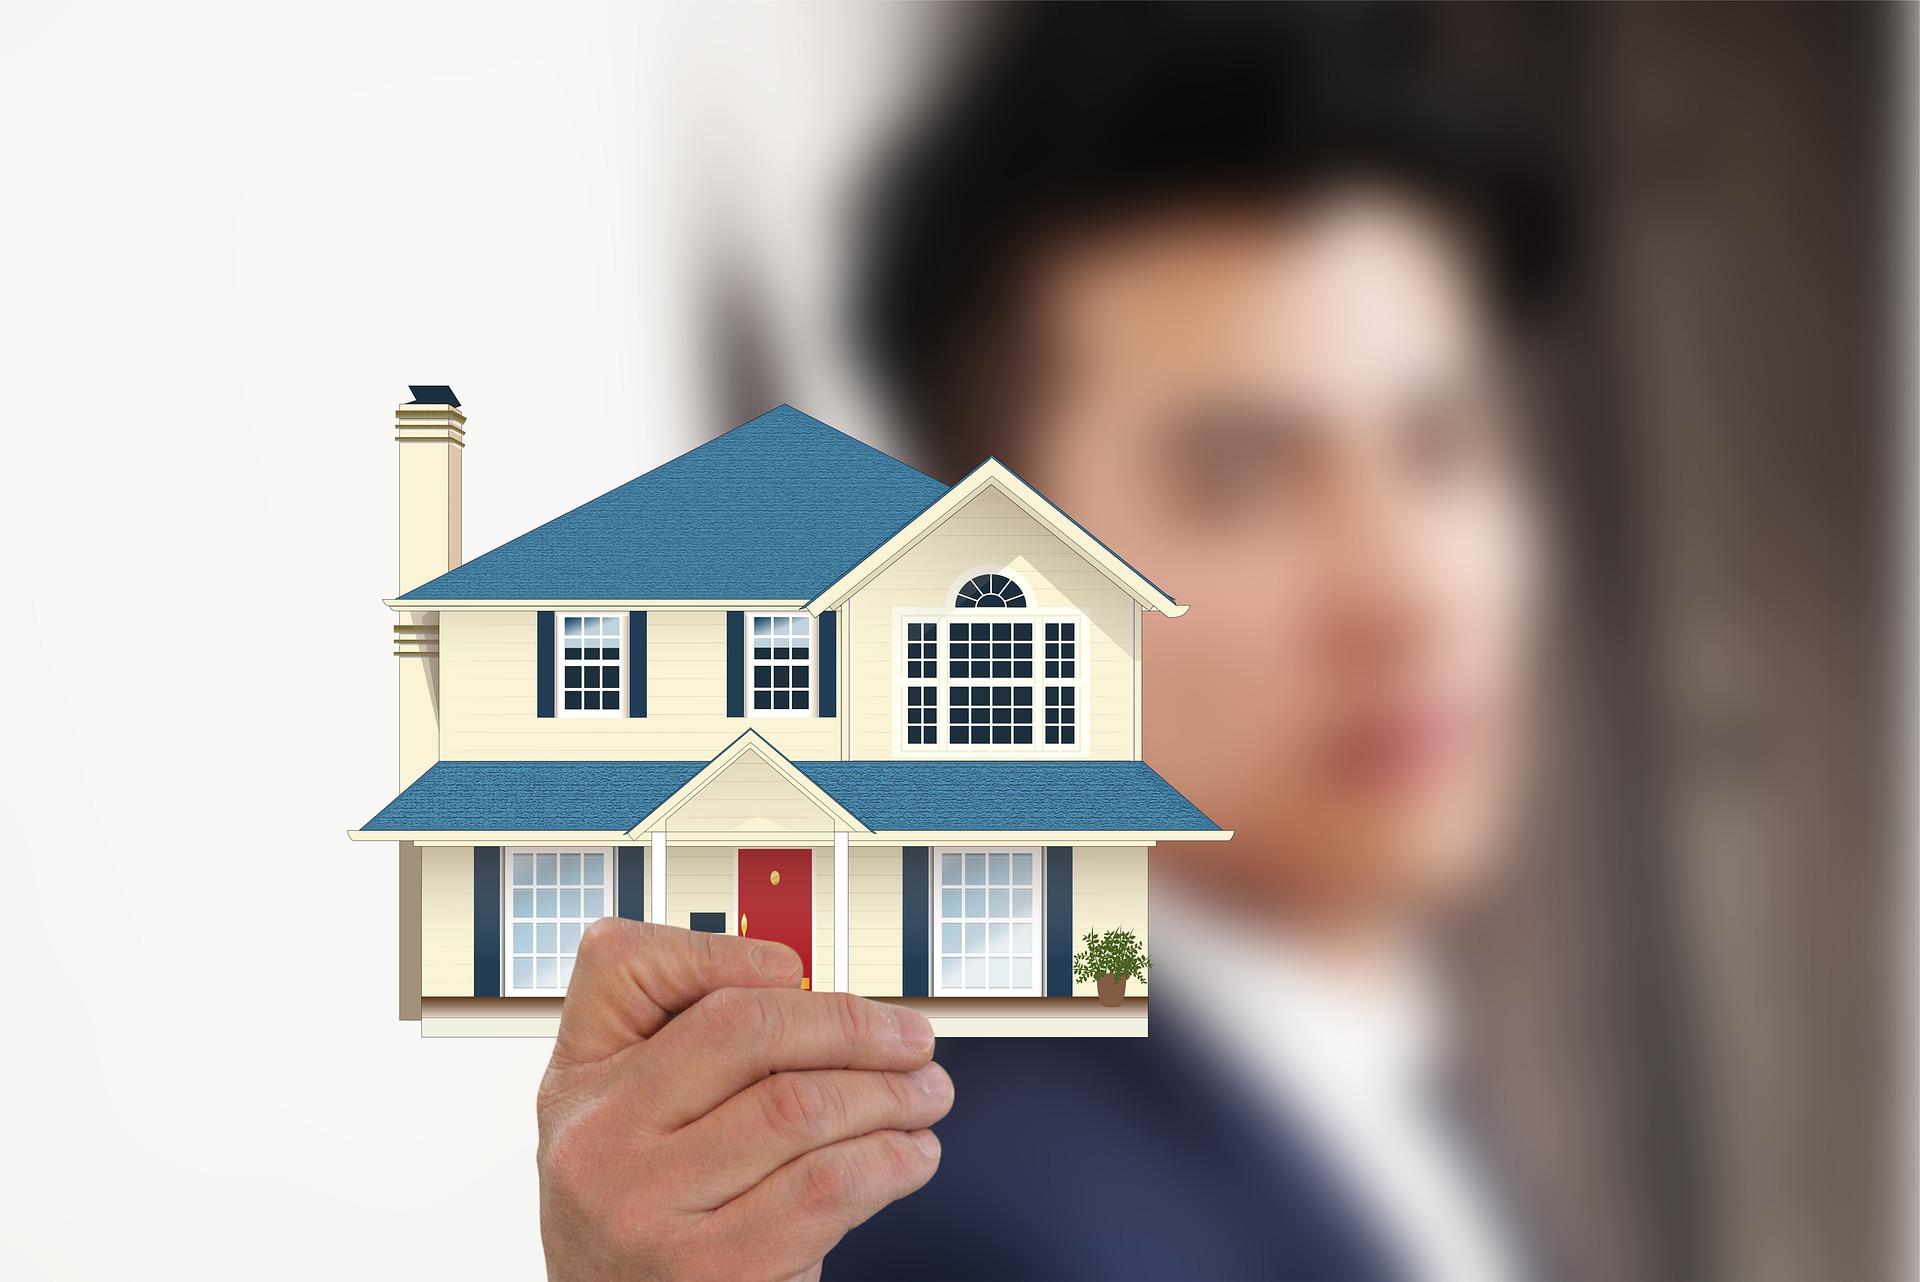 house-3963987_1920.jpg